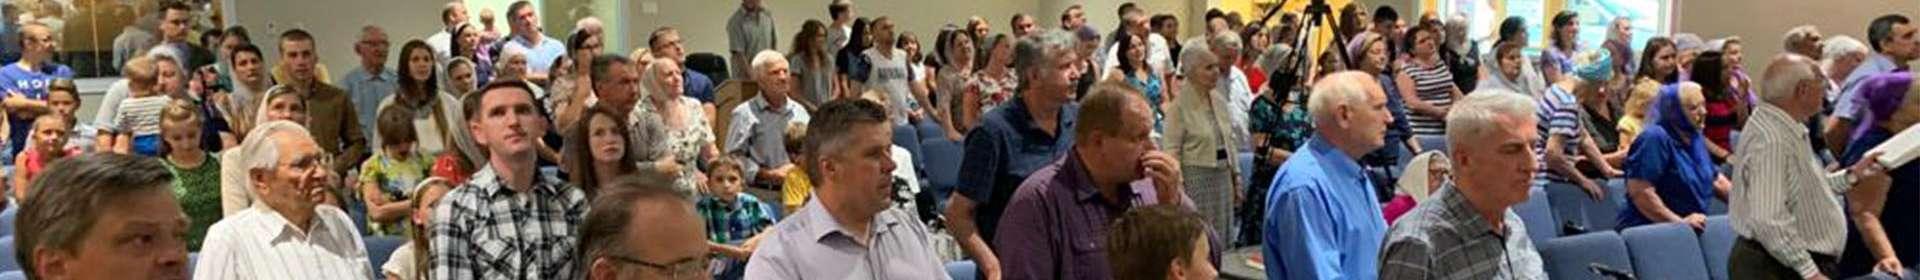 Missão Cristã Maranata assiste igrejas eslavas nos Estados Unidos